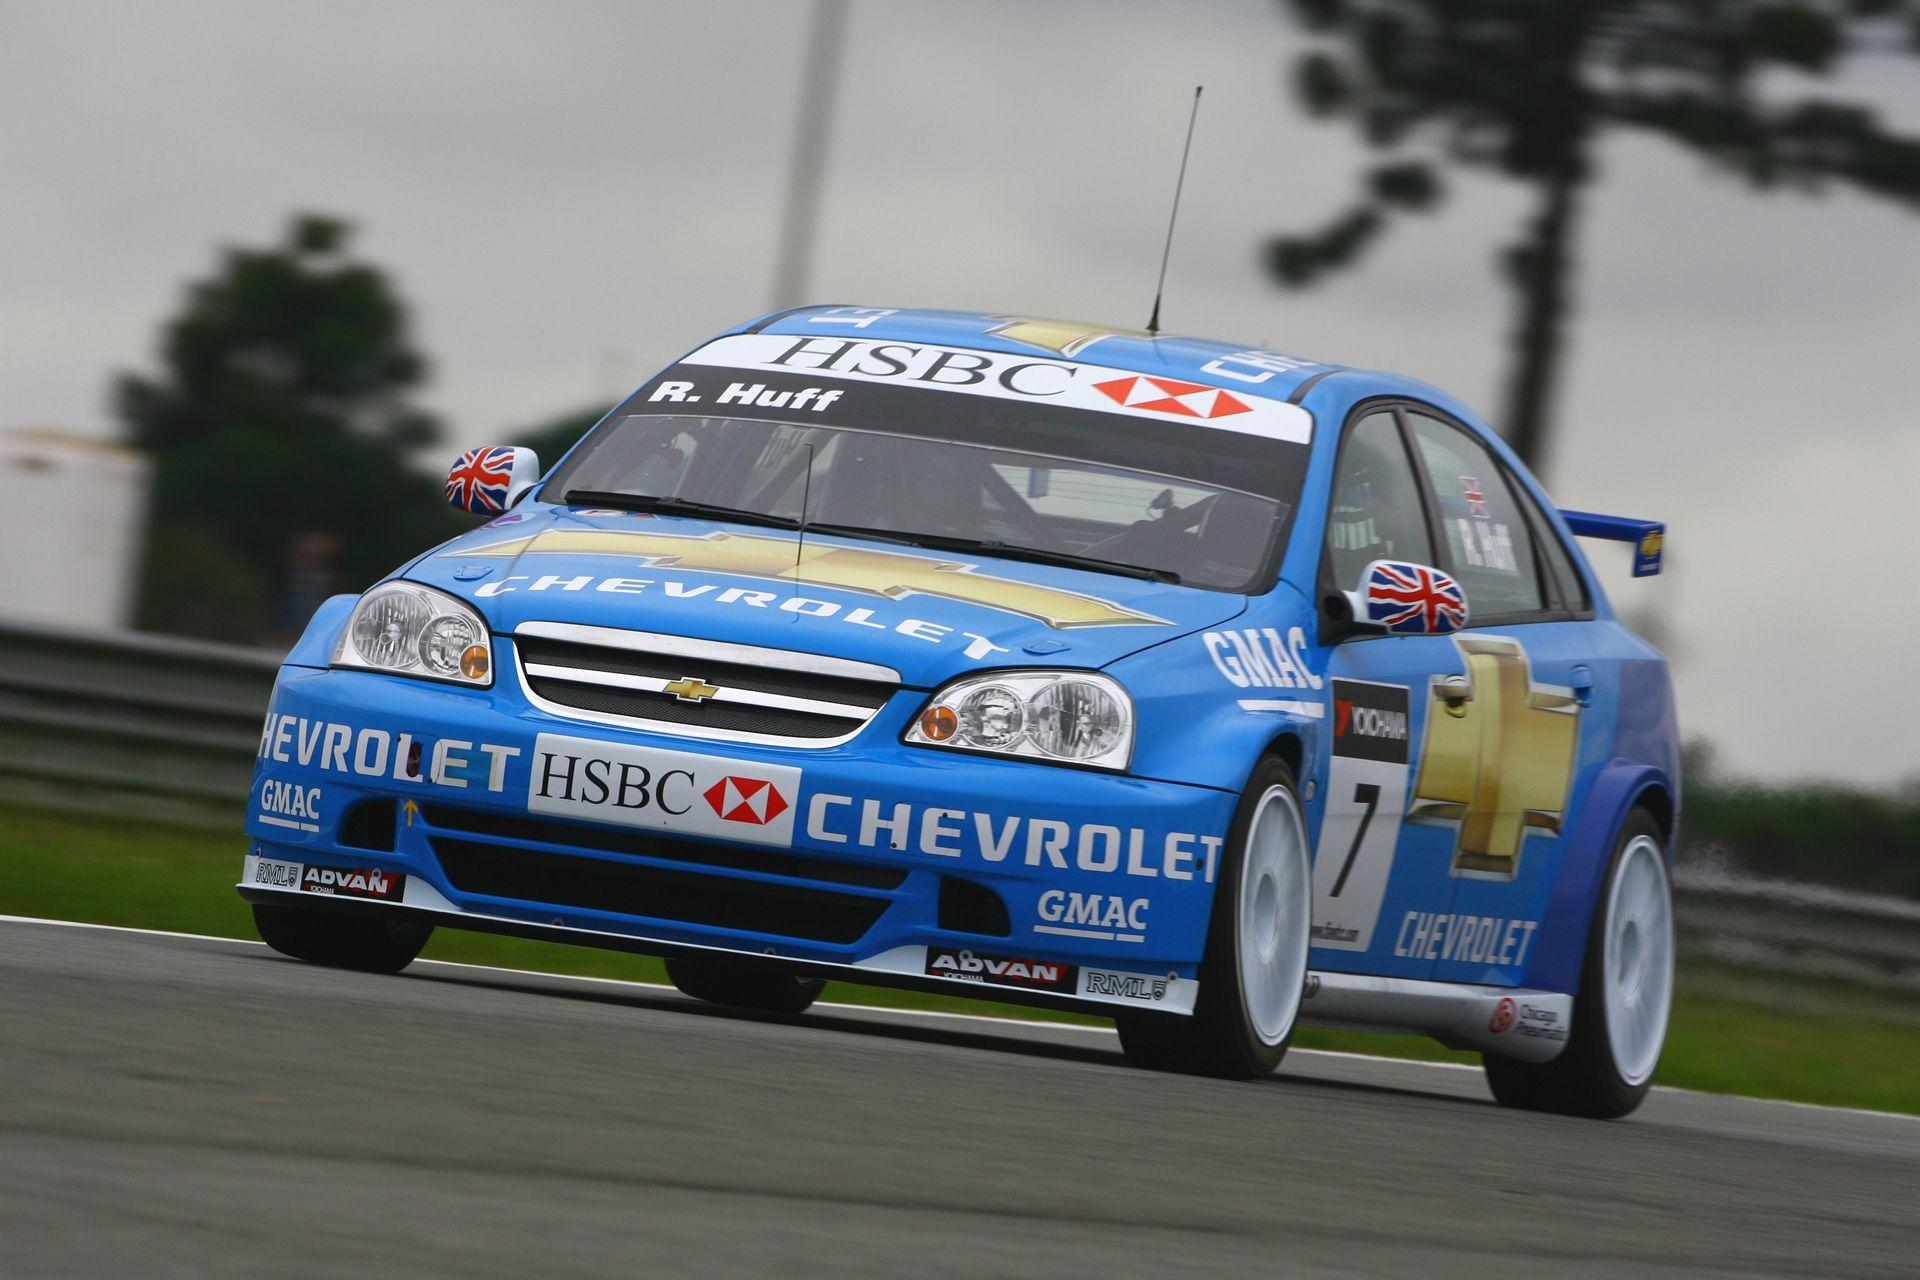 2005 Chevrolet Laceti Wtcc Vehiculos